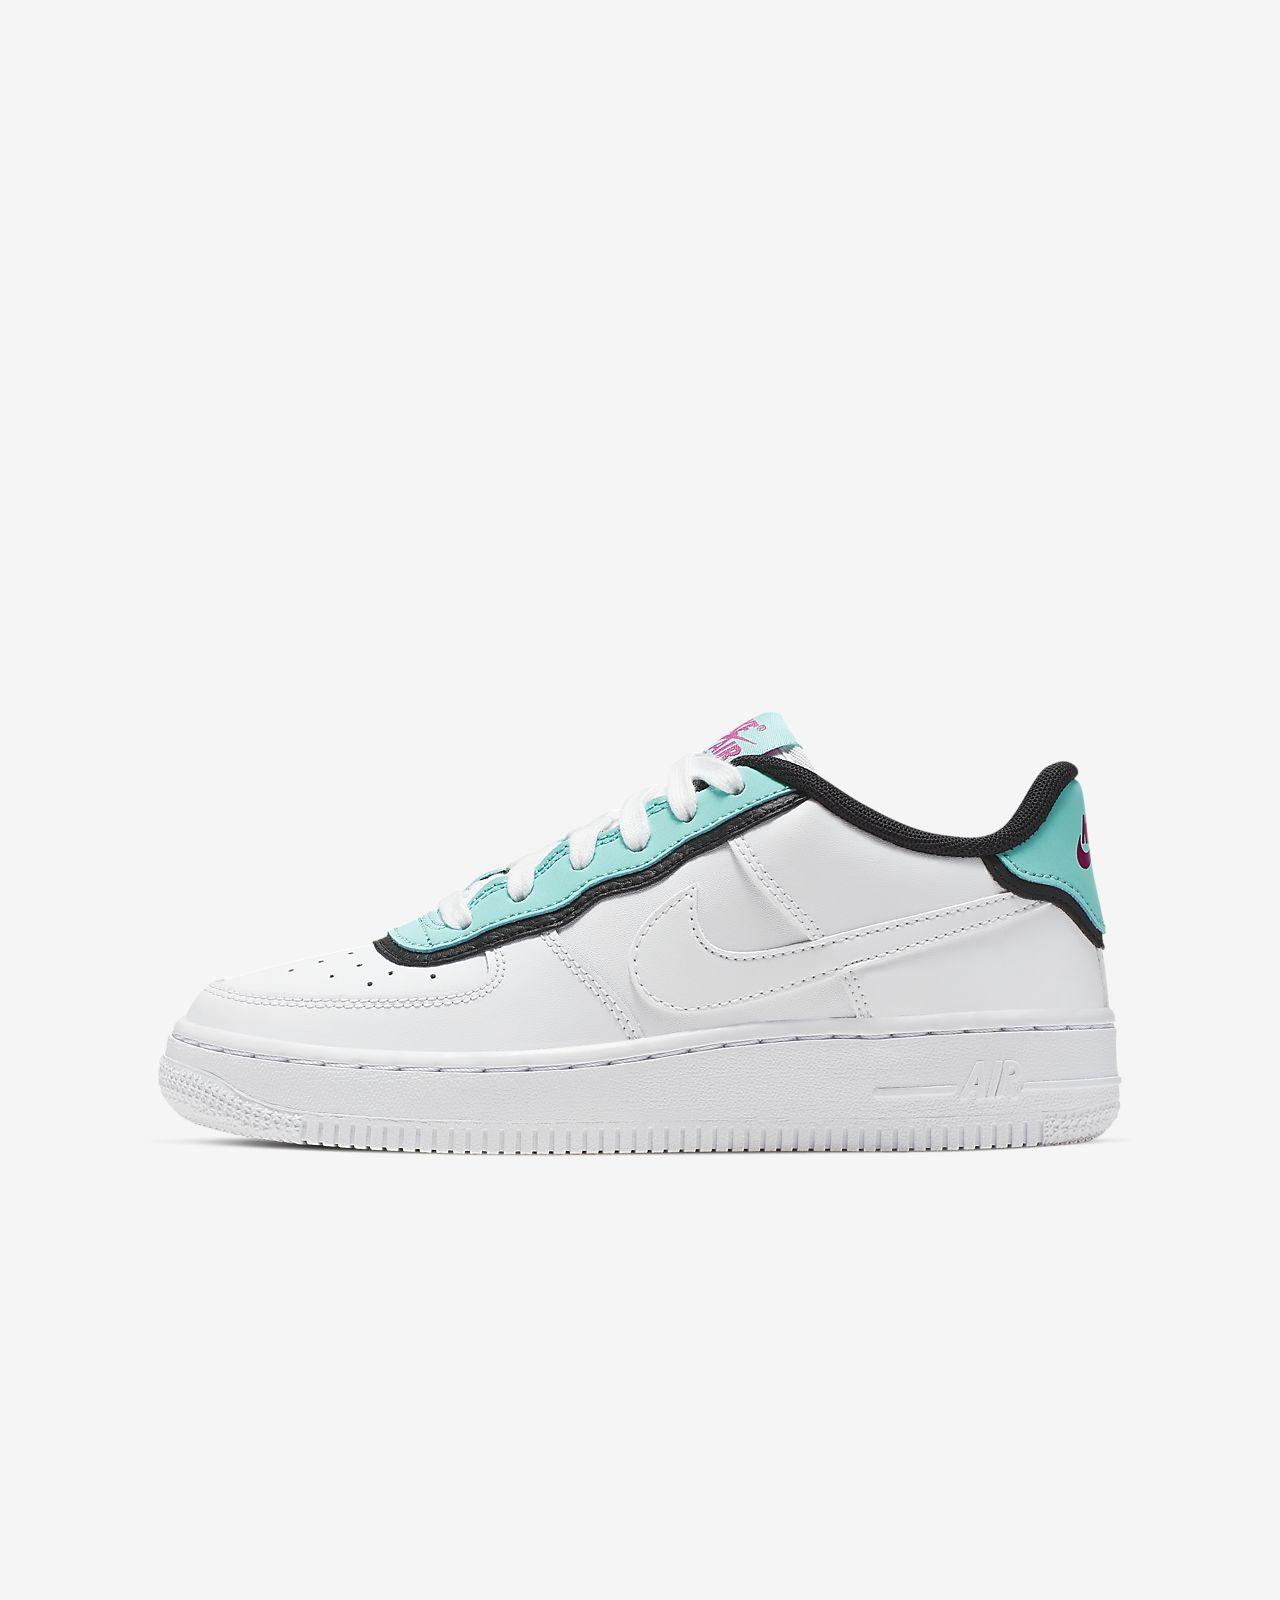 Sko Nike Air Force 1 LV8 1 DBL för ungdom